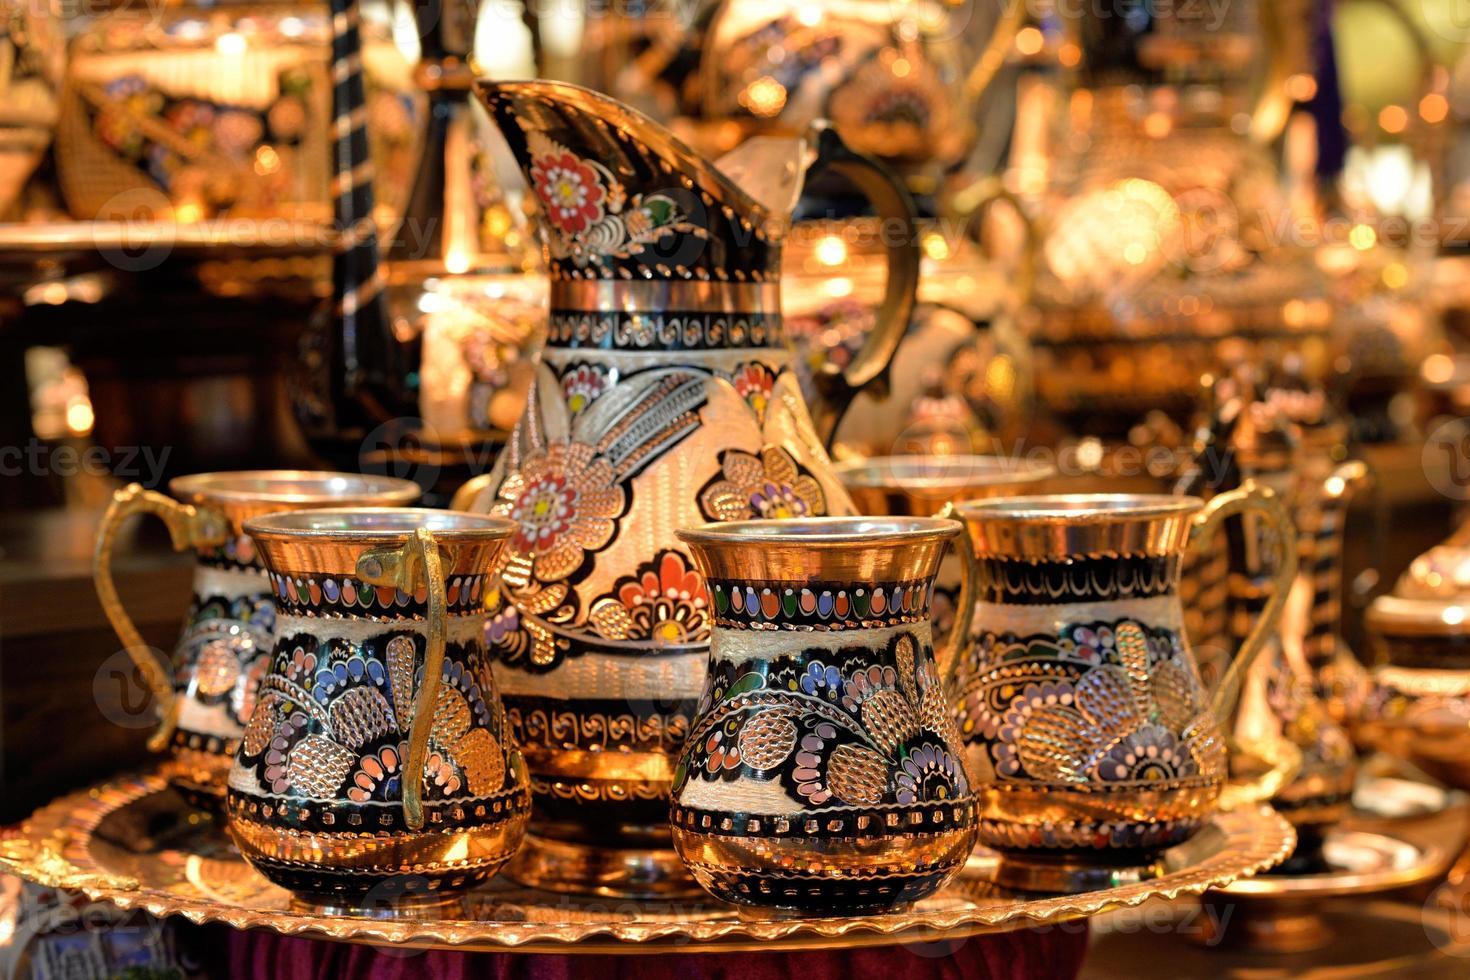 groupe de théière traditionnelle turque au grand bazar, istanbul. photo